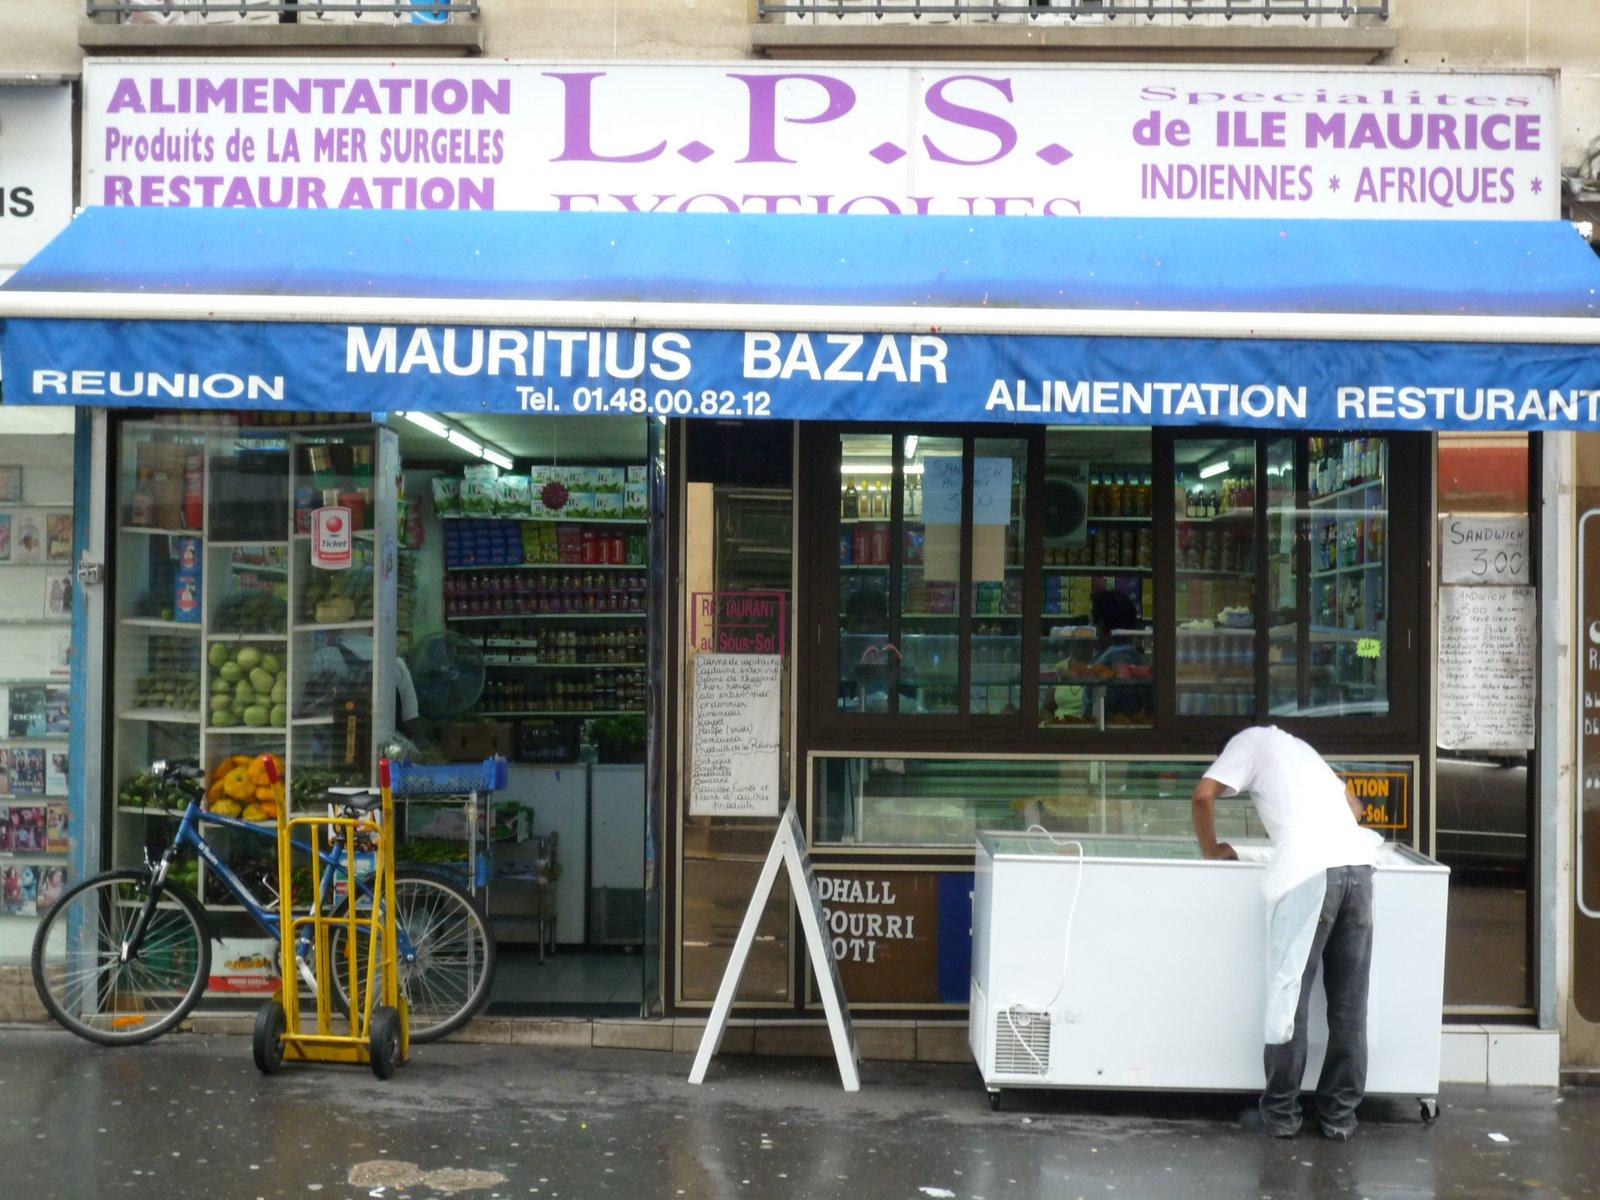 Mauritius bazar paris 75010 716 la vie for Maurice boutique